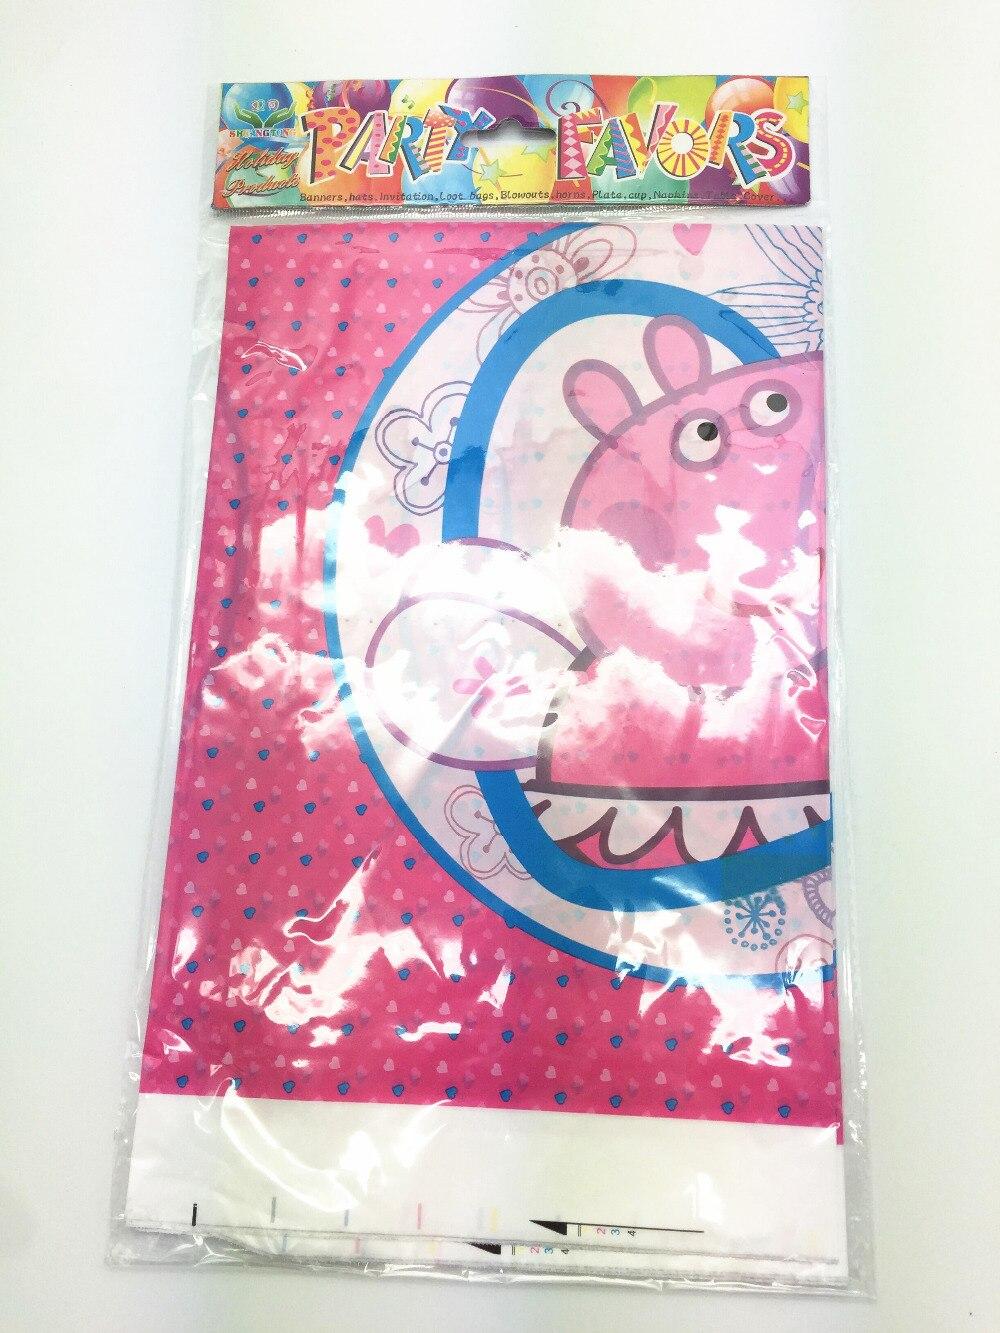 comprar unid cm mantel fiesta de cumpleaos de dibujos animados de cerdo pappa tema plastice desechables mantel para los nios de